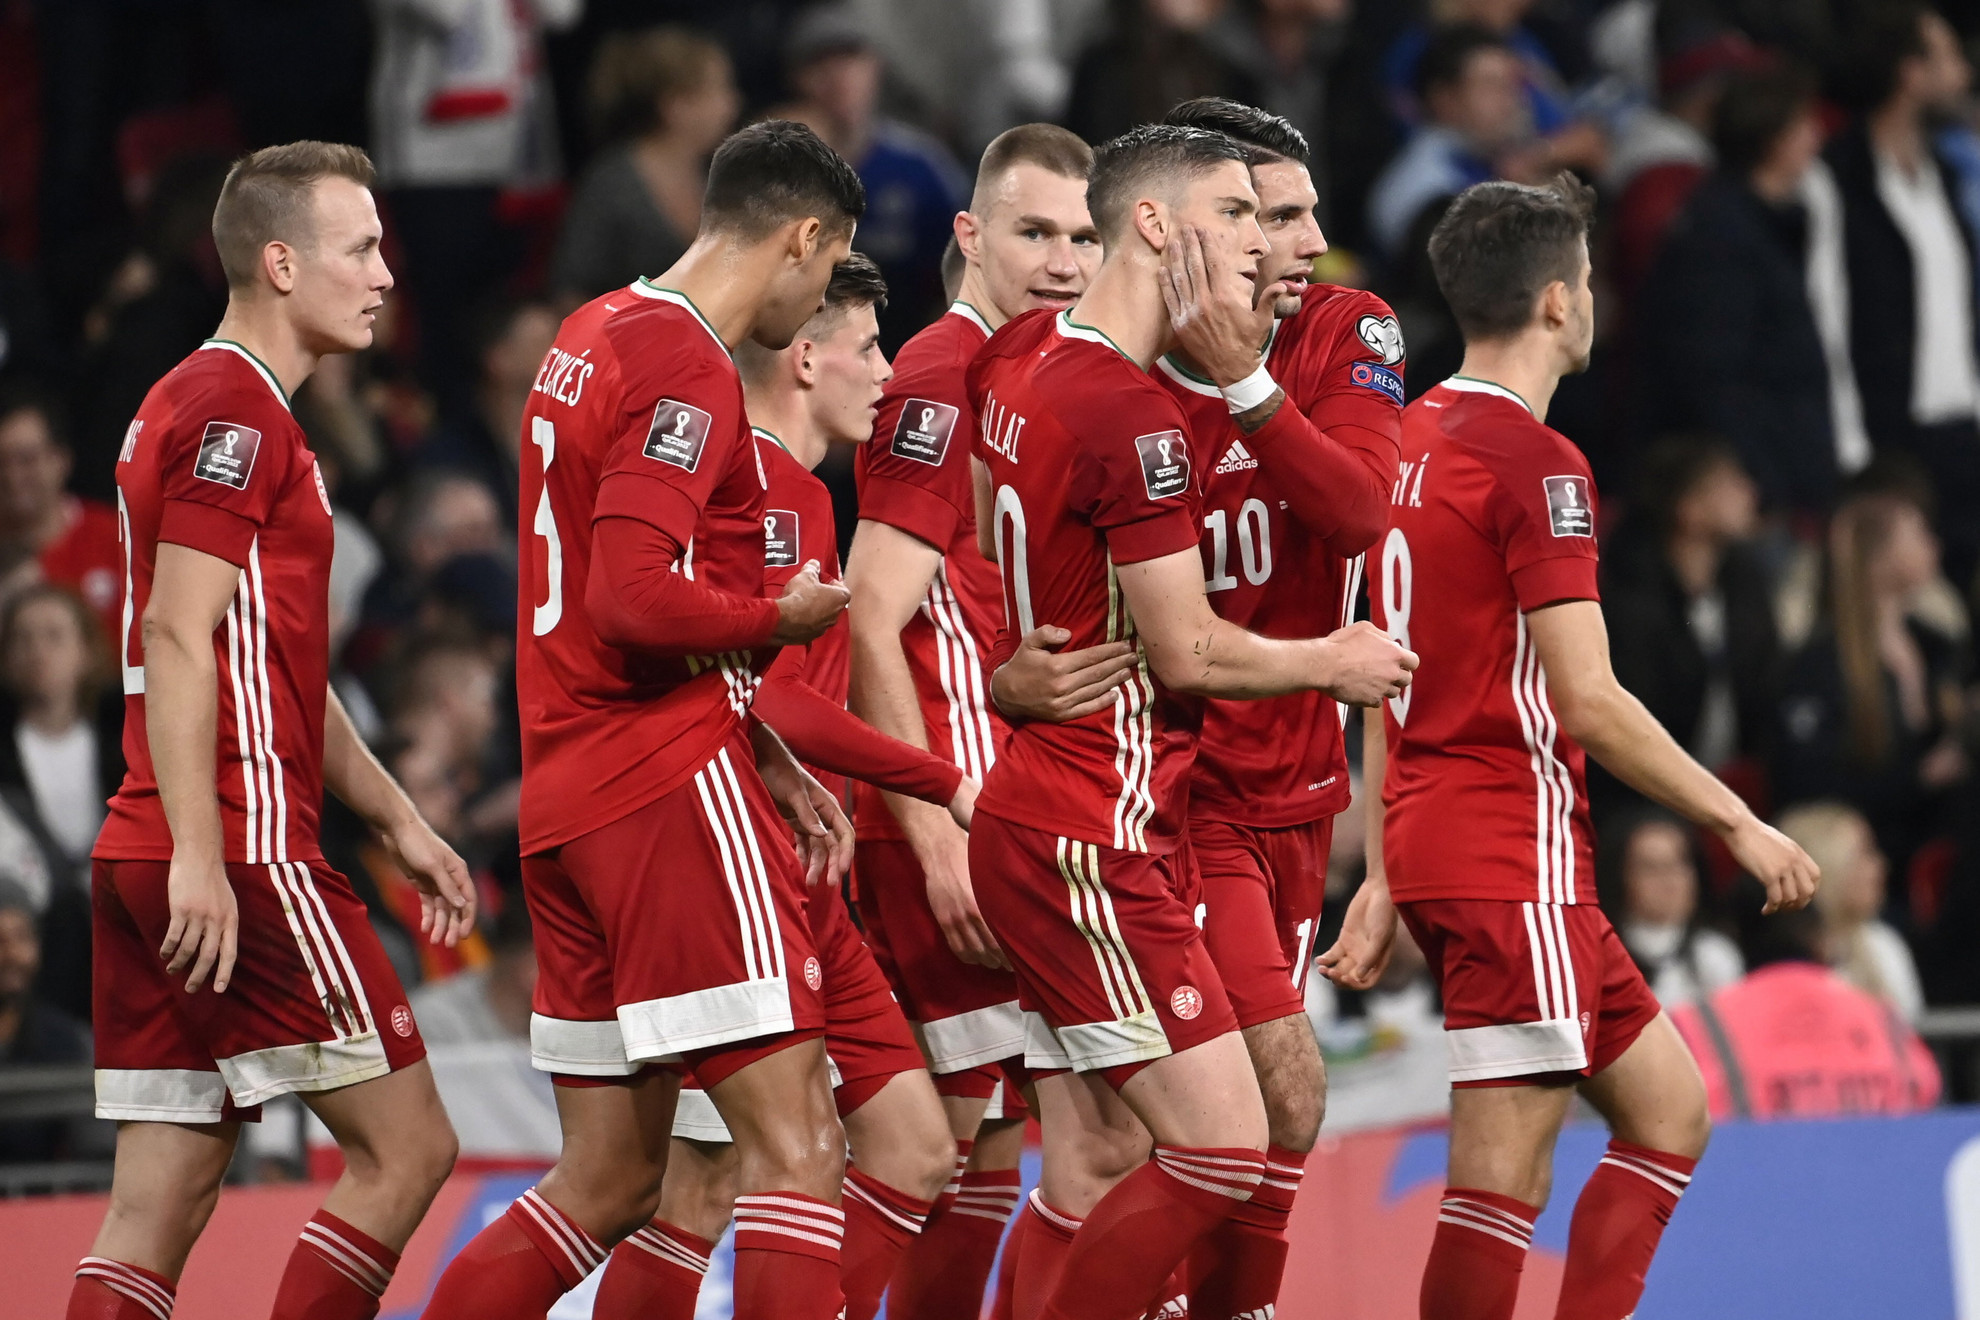 Sallai Roland (j3), miután büntetőből gólt szerzett a labdarúgó világbajnoki selejtezők 8. fordulójában játszott Anglia - Magyarország mérkőzésen a londoni Wembley Stadionban 2021. október 12-én